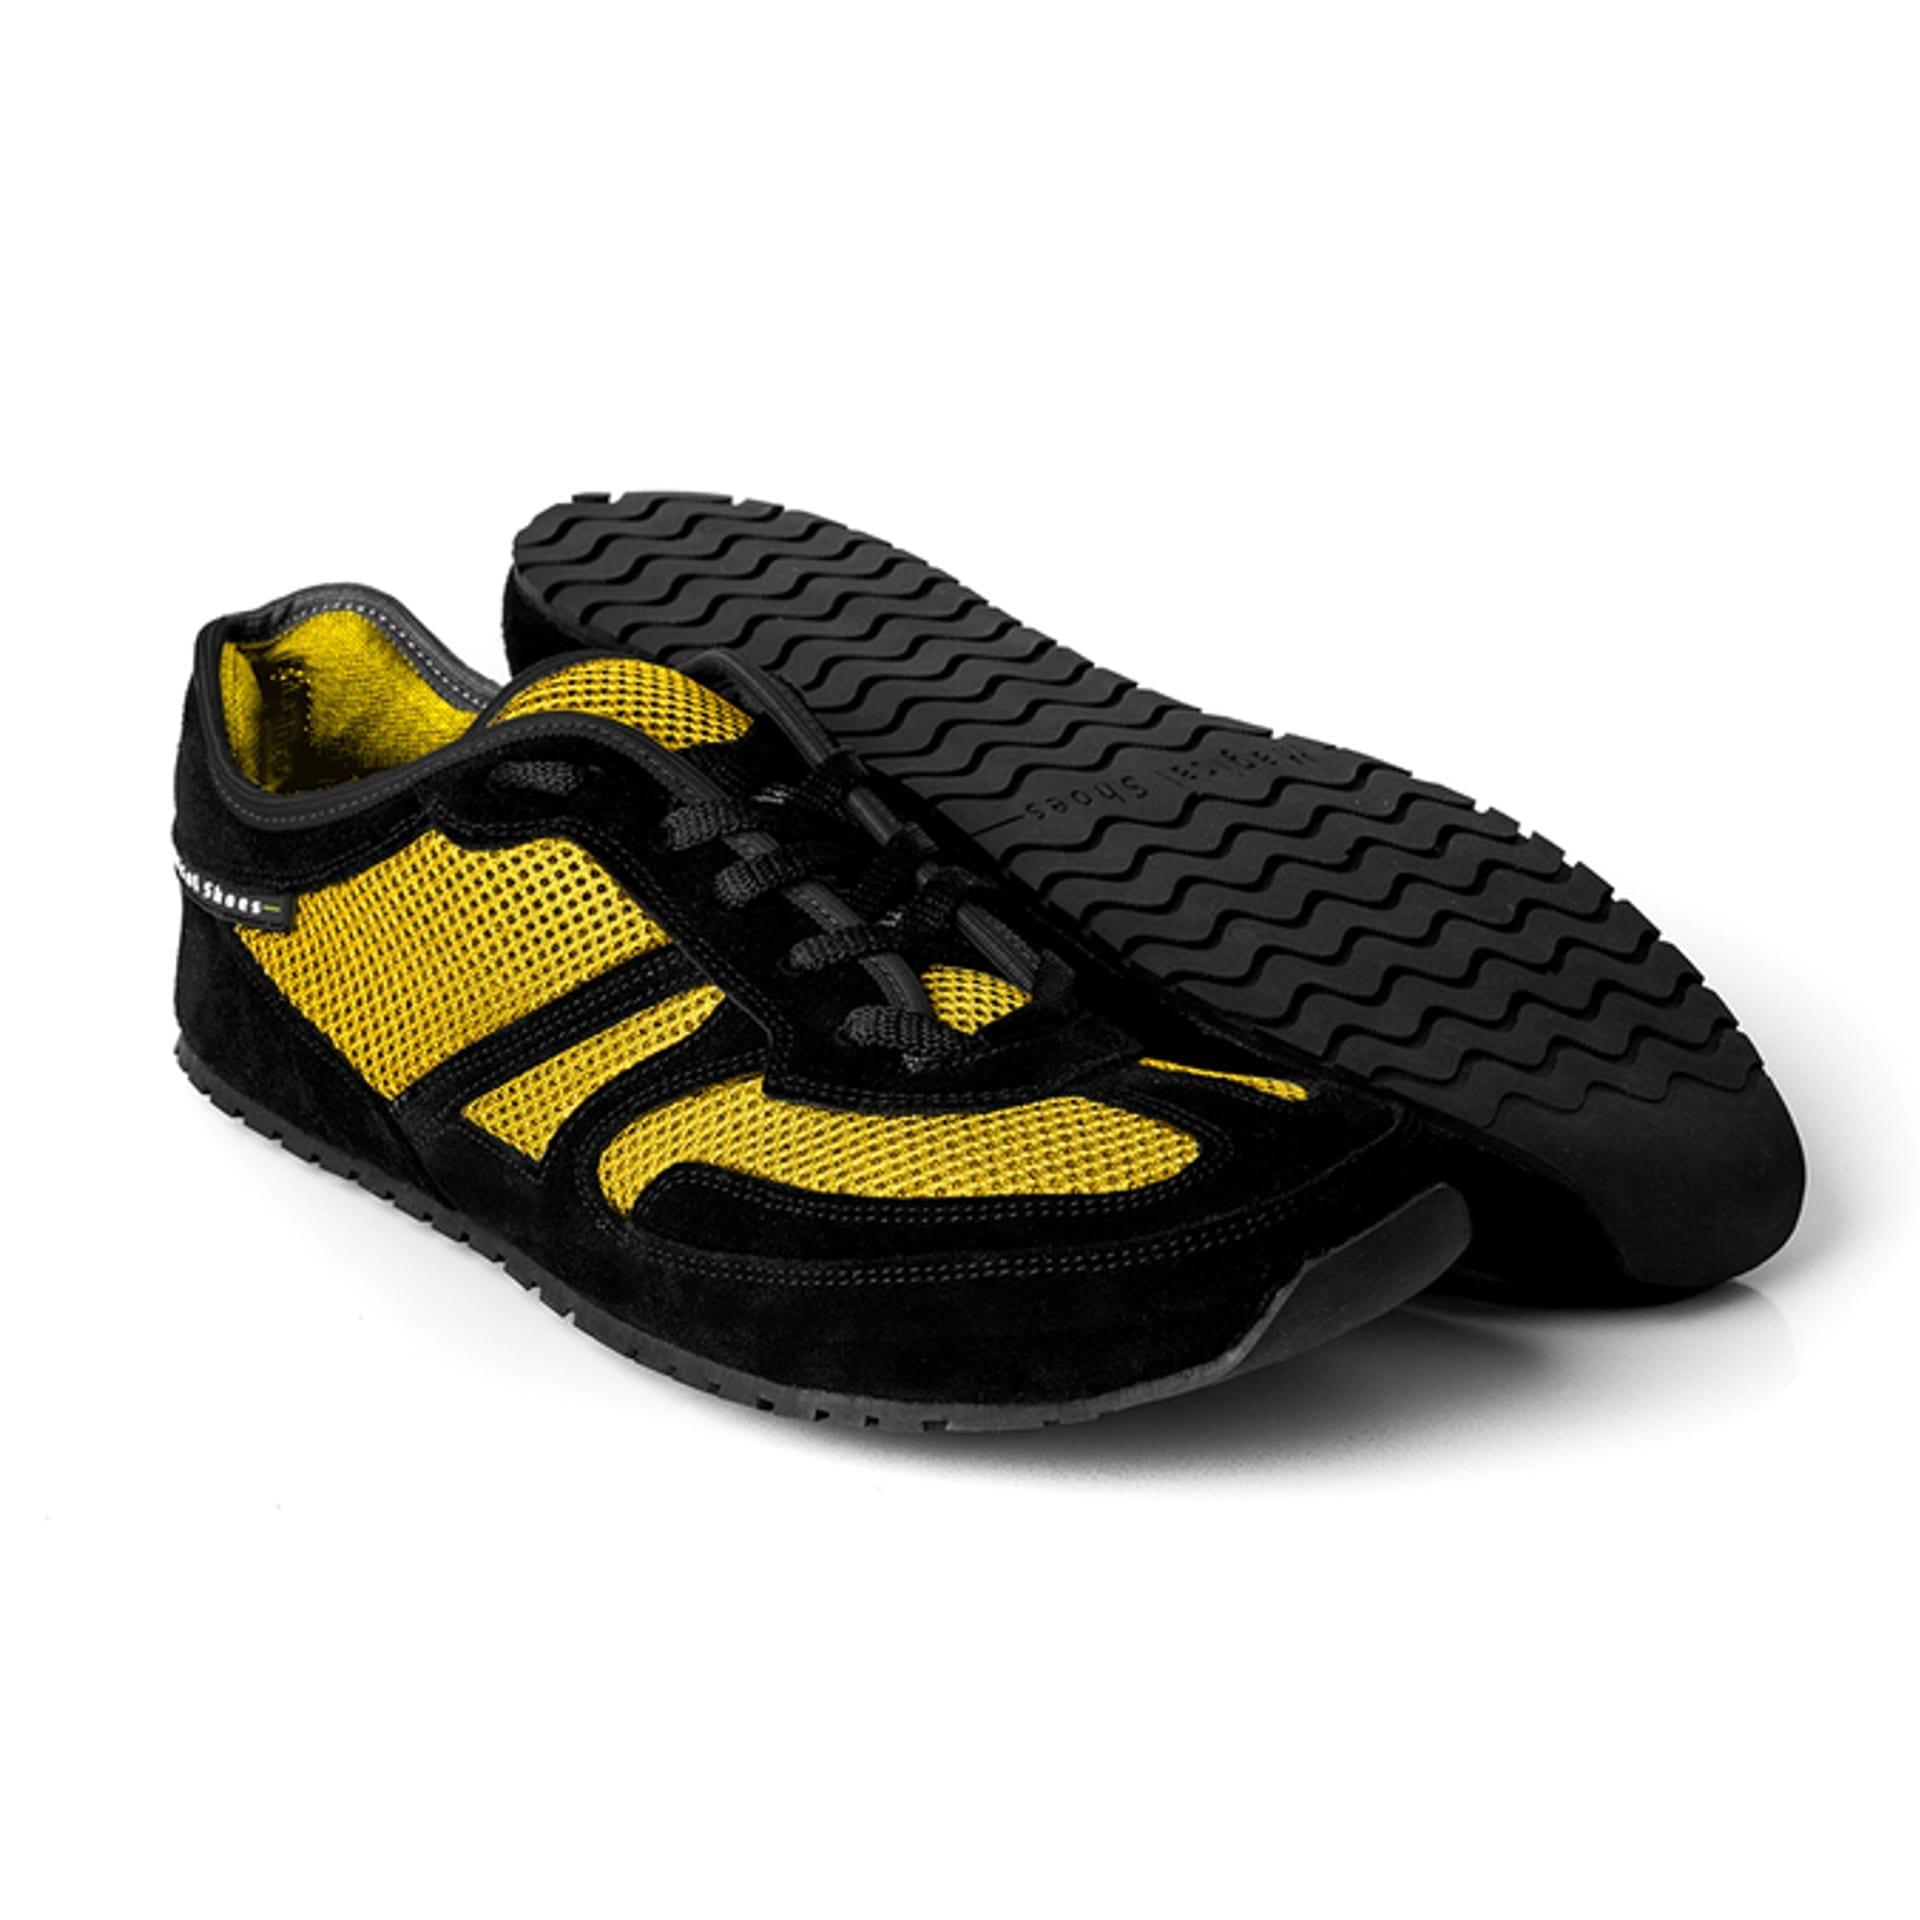 Barfußschuh-Hersteller Magical Shoes Explorer Lemon Splash  Barfußschuhe für natürliches und gesundes Gehen & Laufen